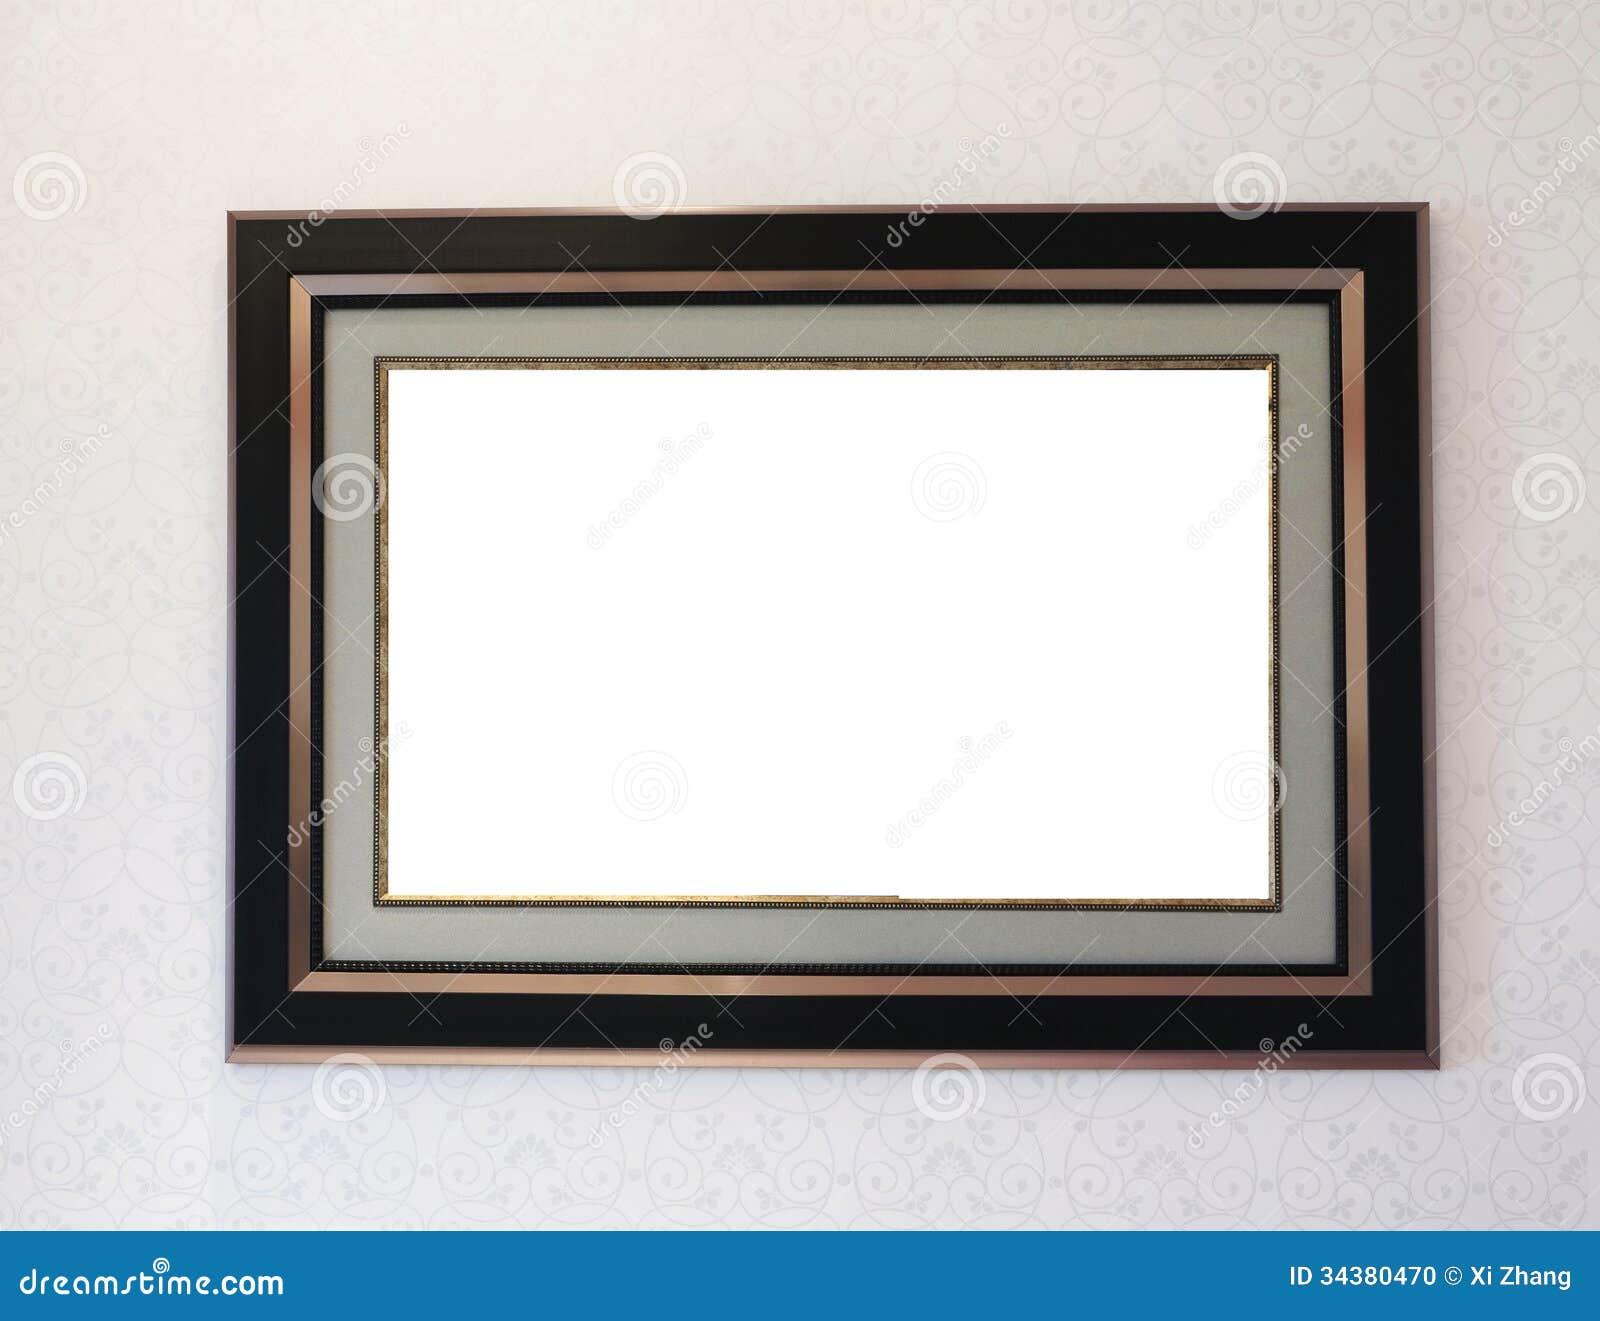 美术画廊 库存照片 - 图片图片